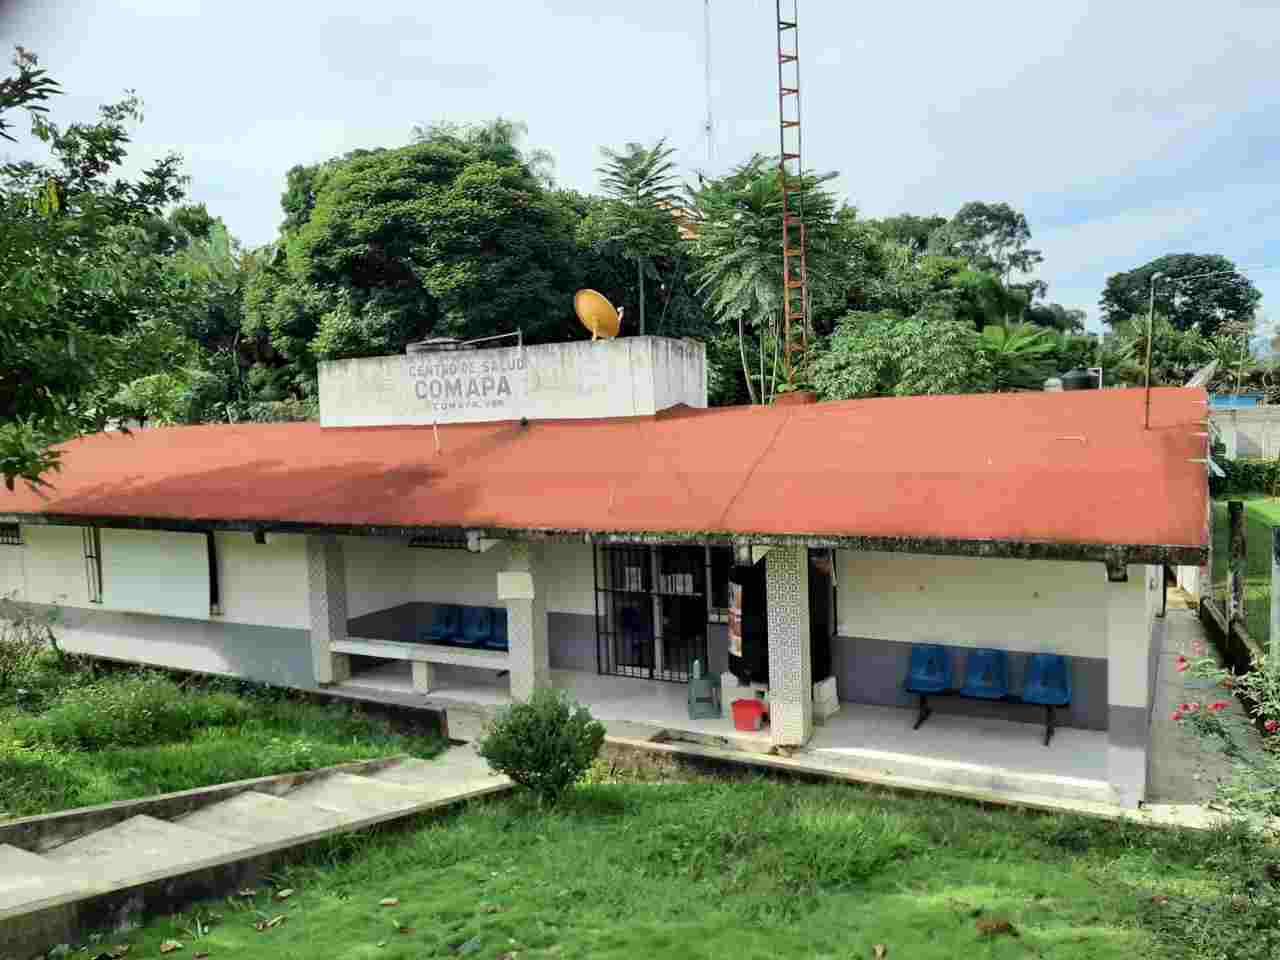 REHABILITARÁN CENTROS DE SALUD DE COMAPA